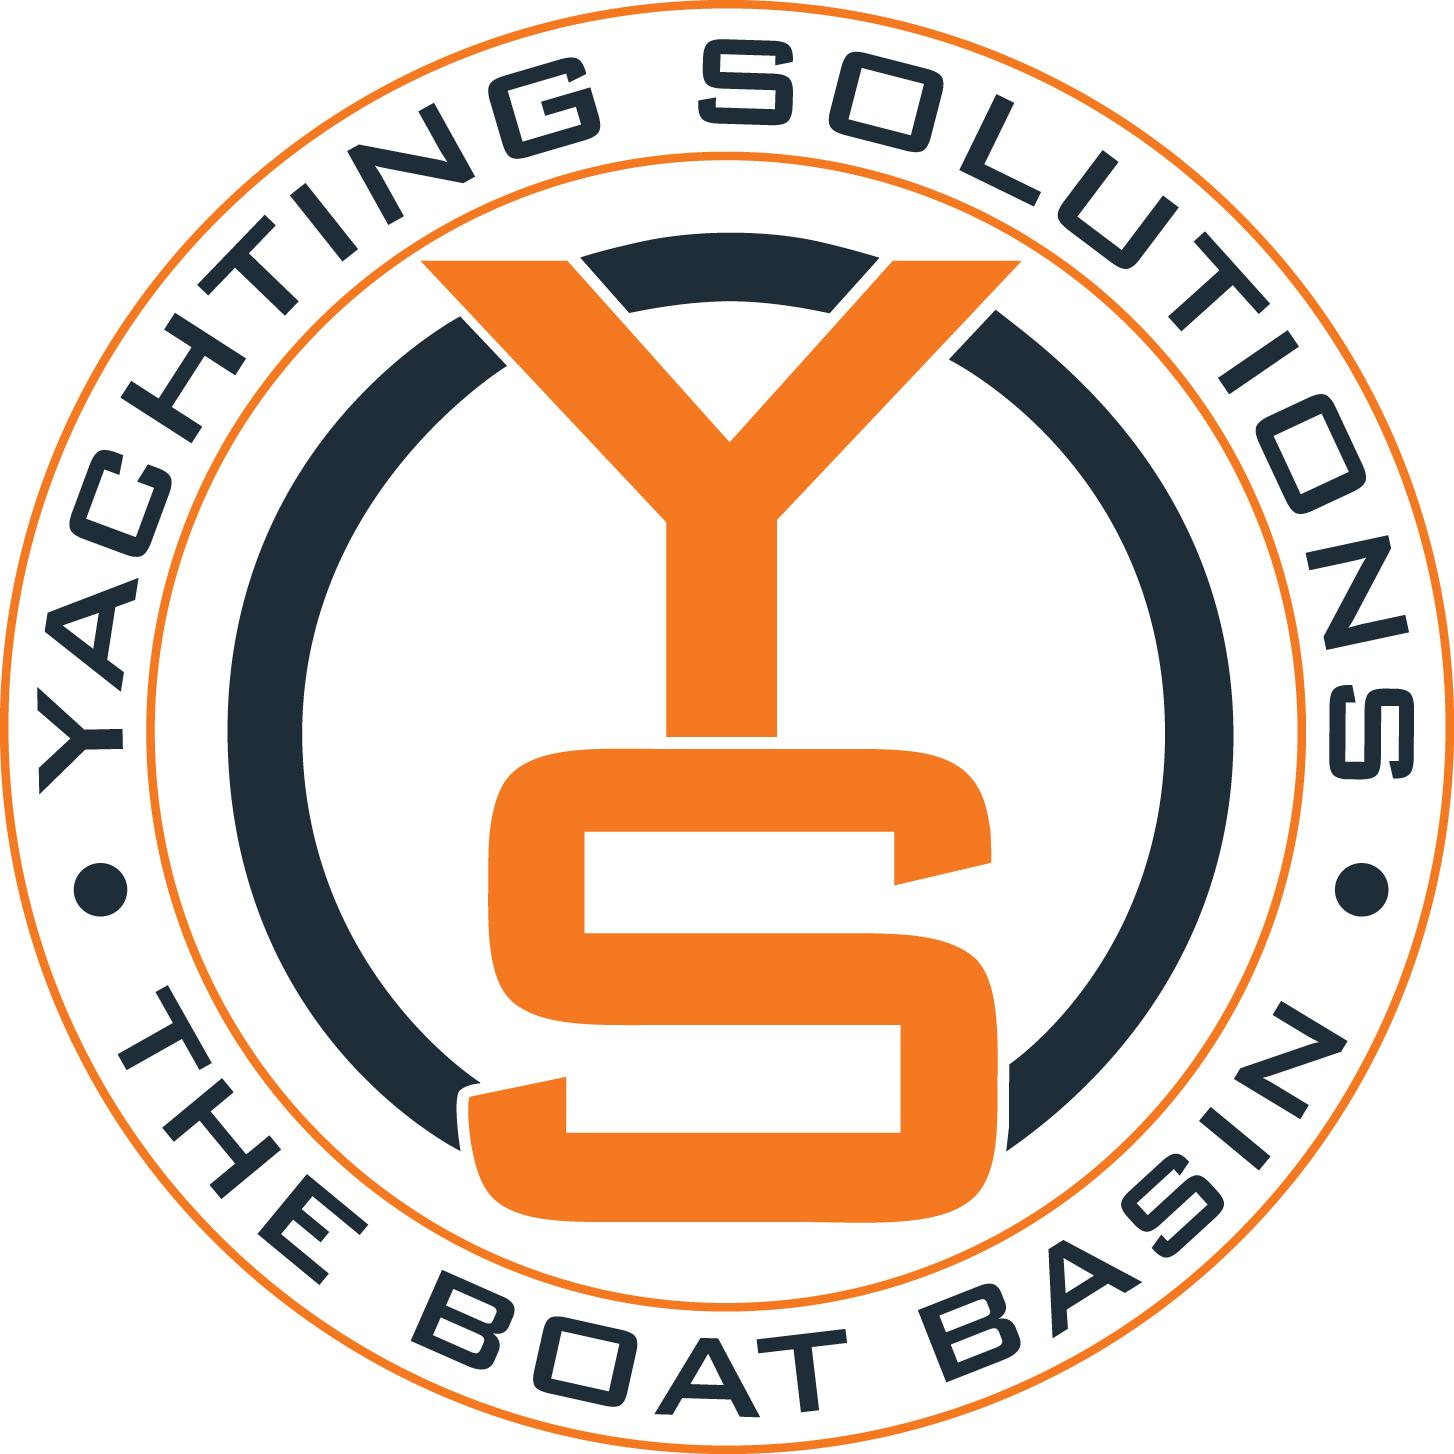 Boat Basin logo.jpeg